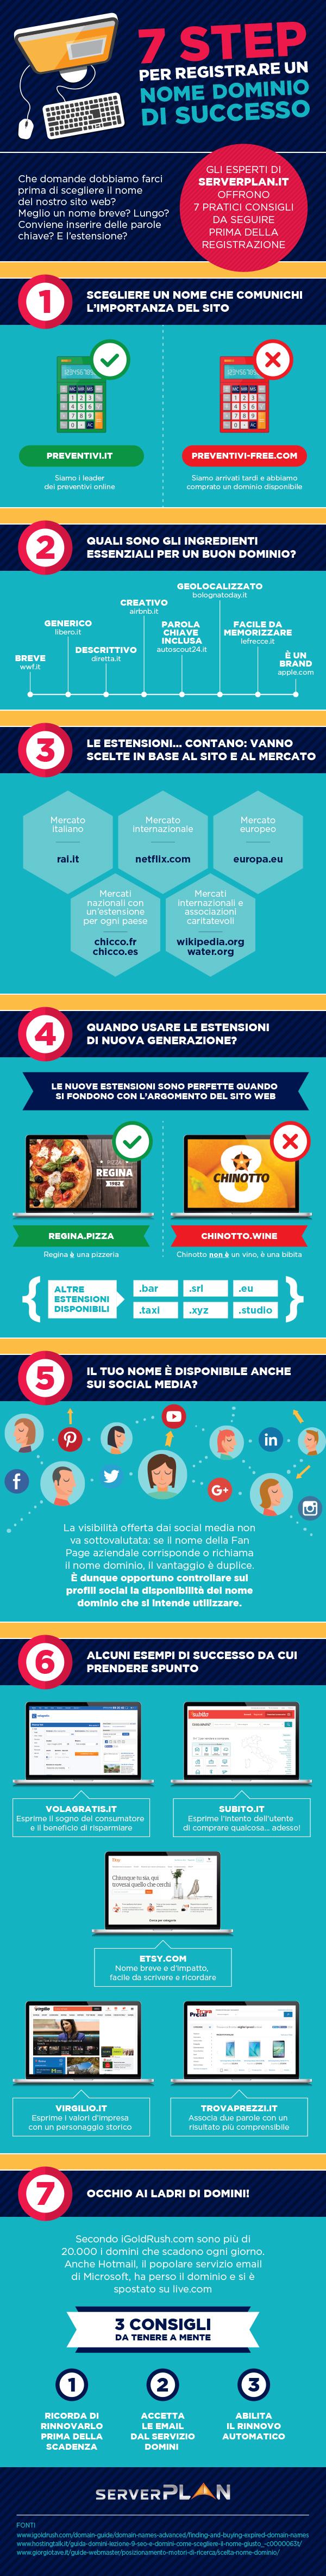 infografica 7 step per registrare un nome dominio di successo